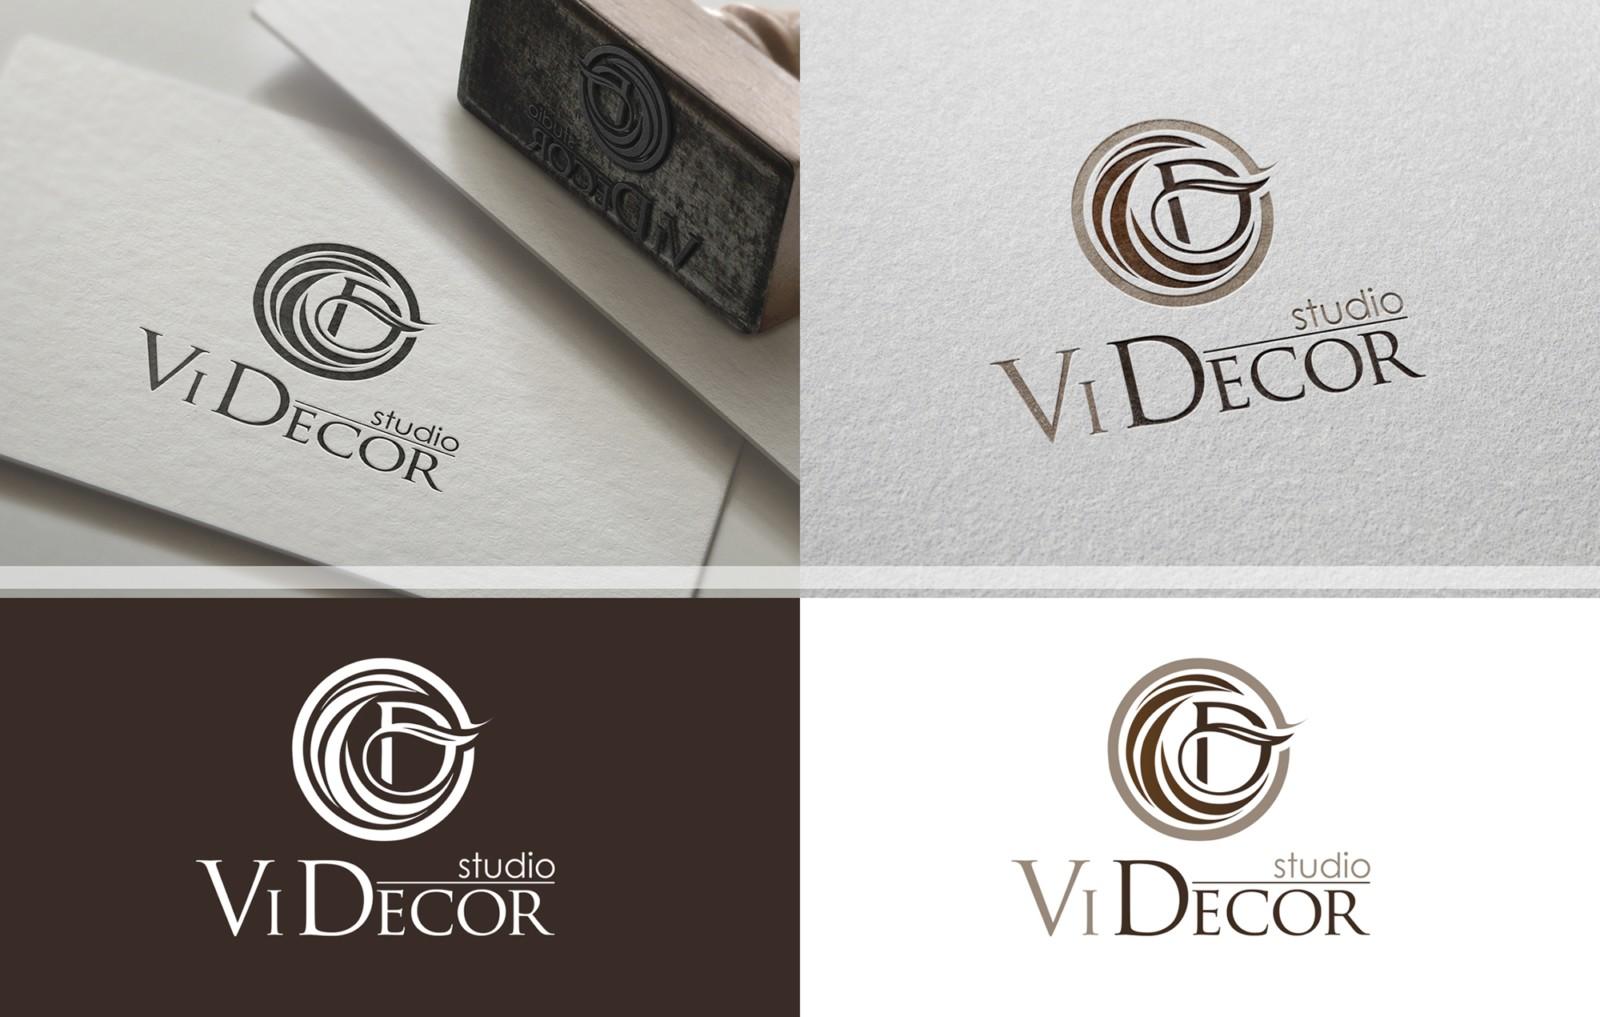 САЛОН ViDecor Studio